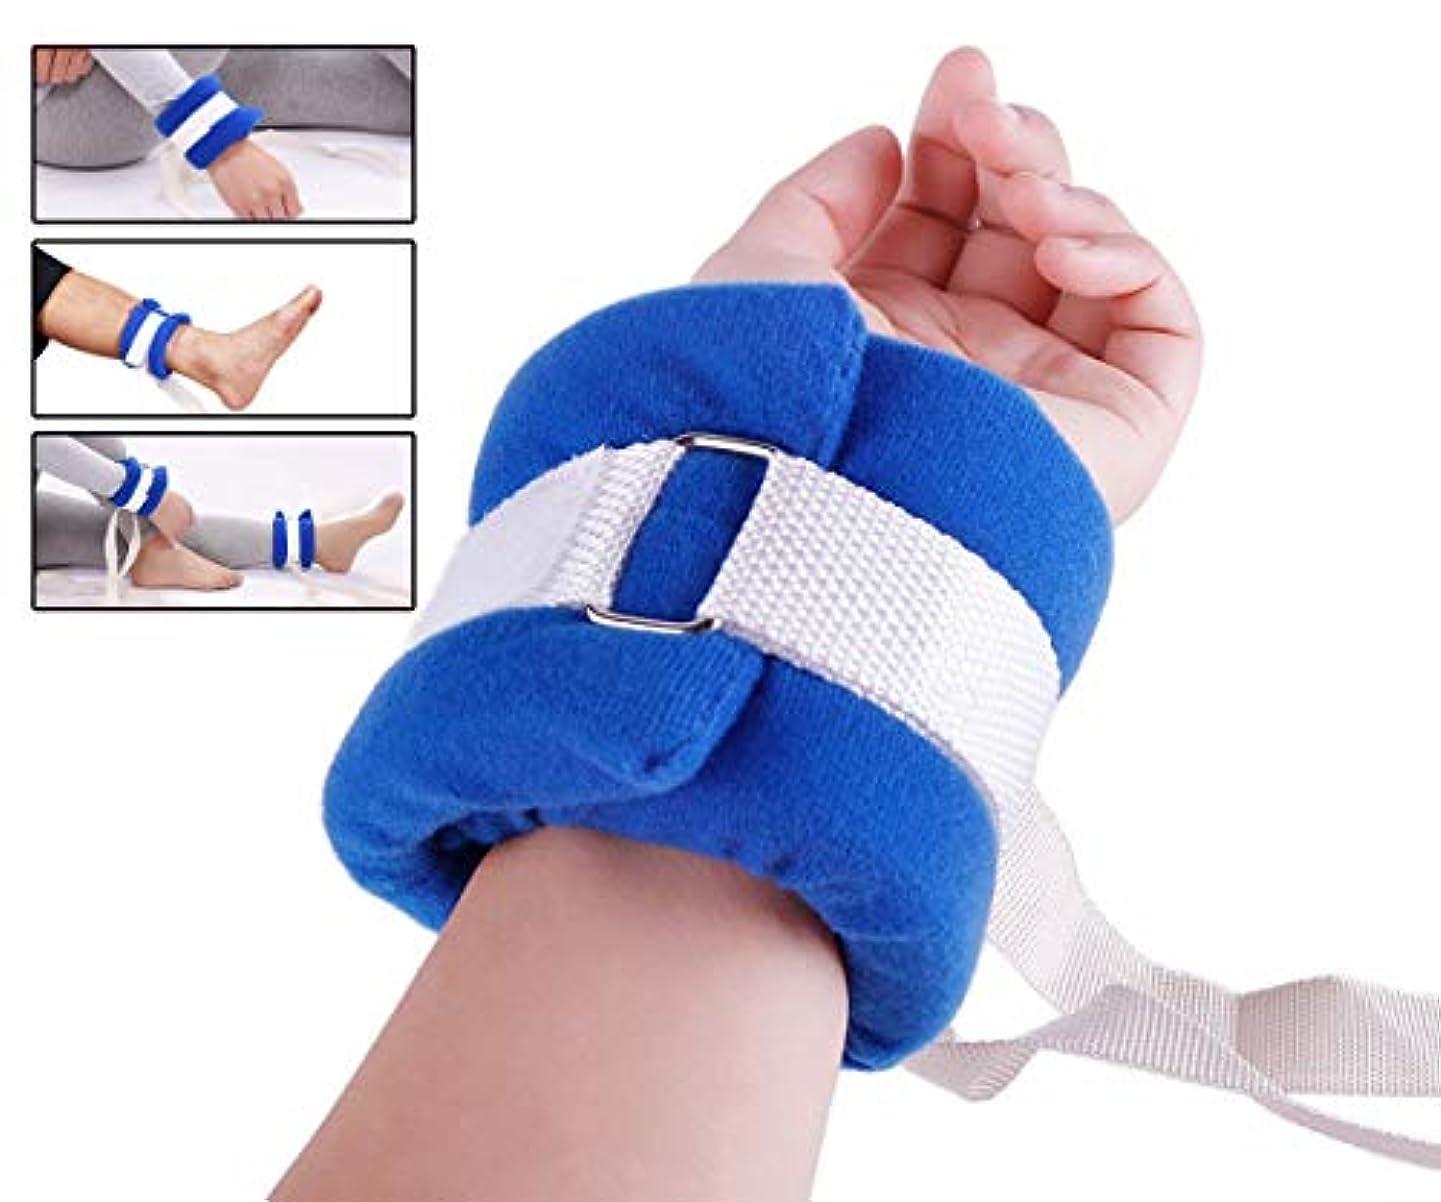 発生器染料項目コントロールリムホルダー - 4本入患者調節可能な肢ホルダー - クイックリリースハンドまたはフィートユニバーサルコンストレイントコントロール(青)